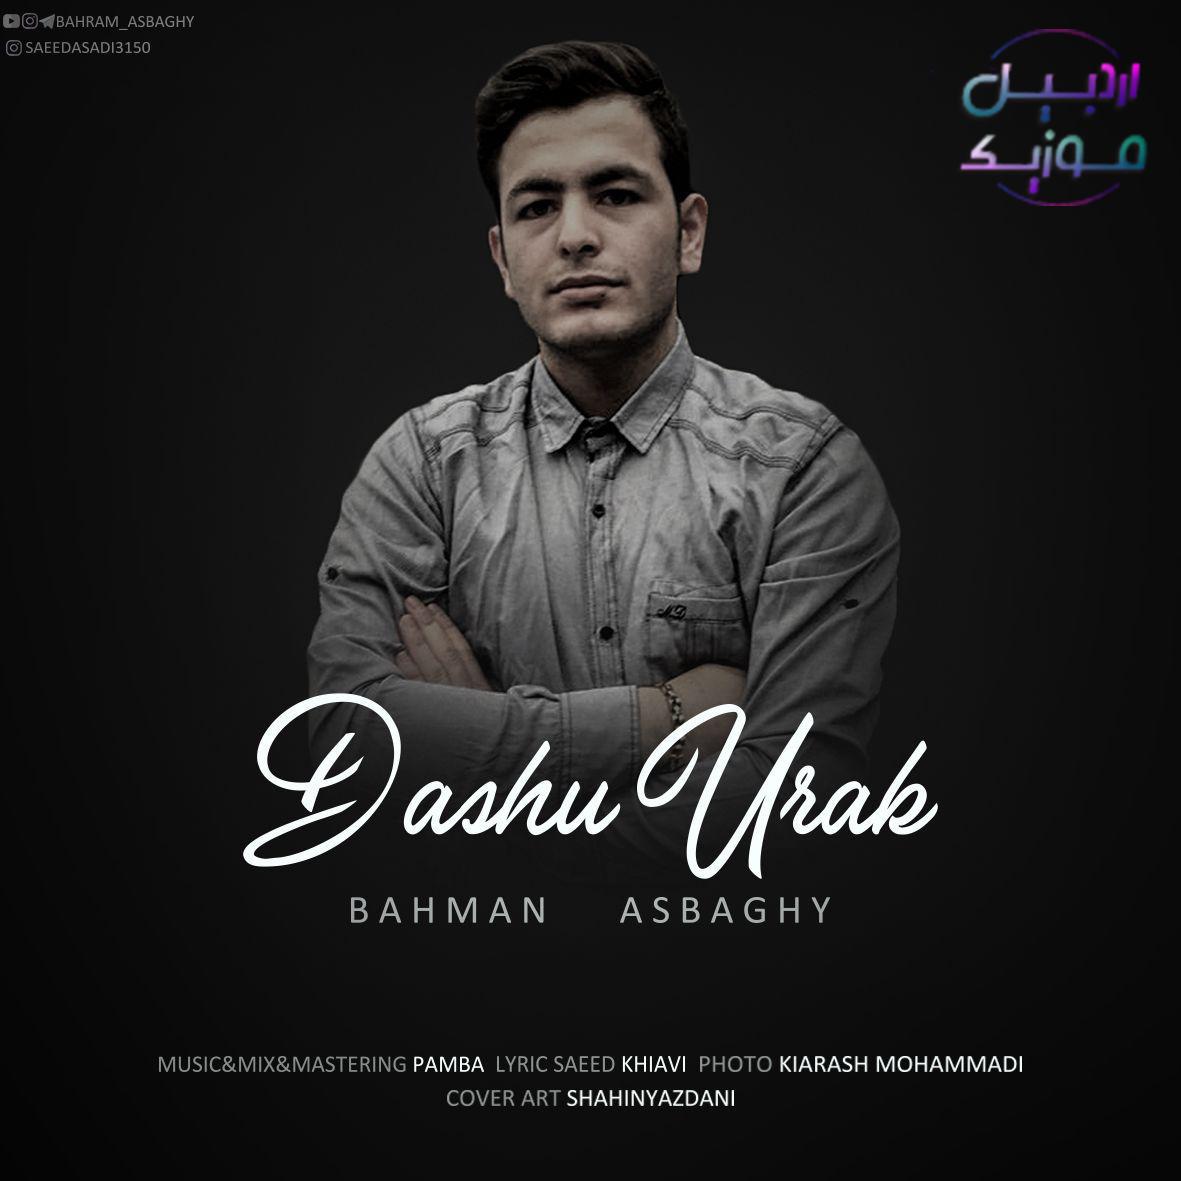 دانلود آهنگ جدید بهمن اسبقی به نام داش اورک